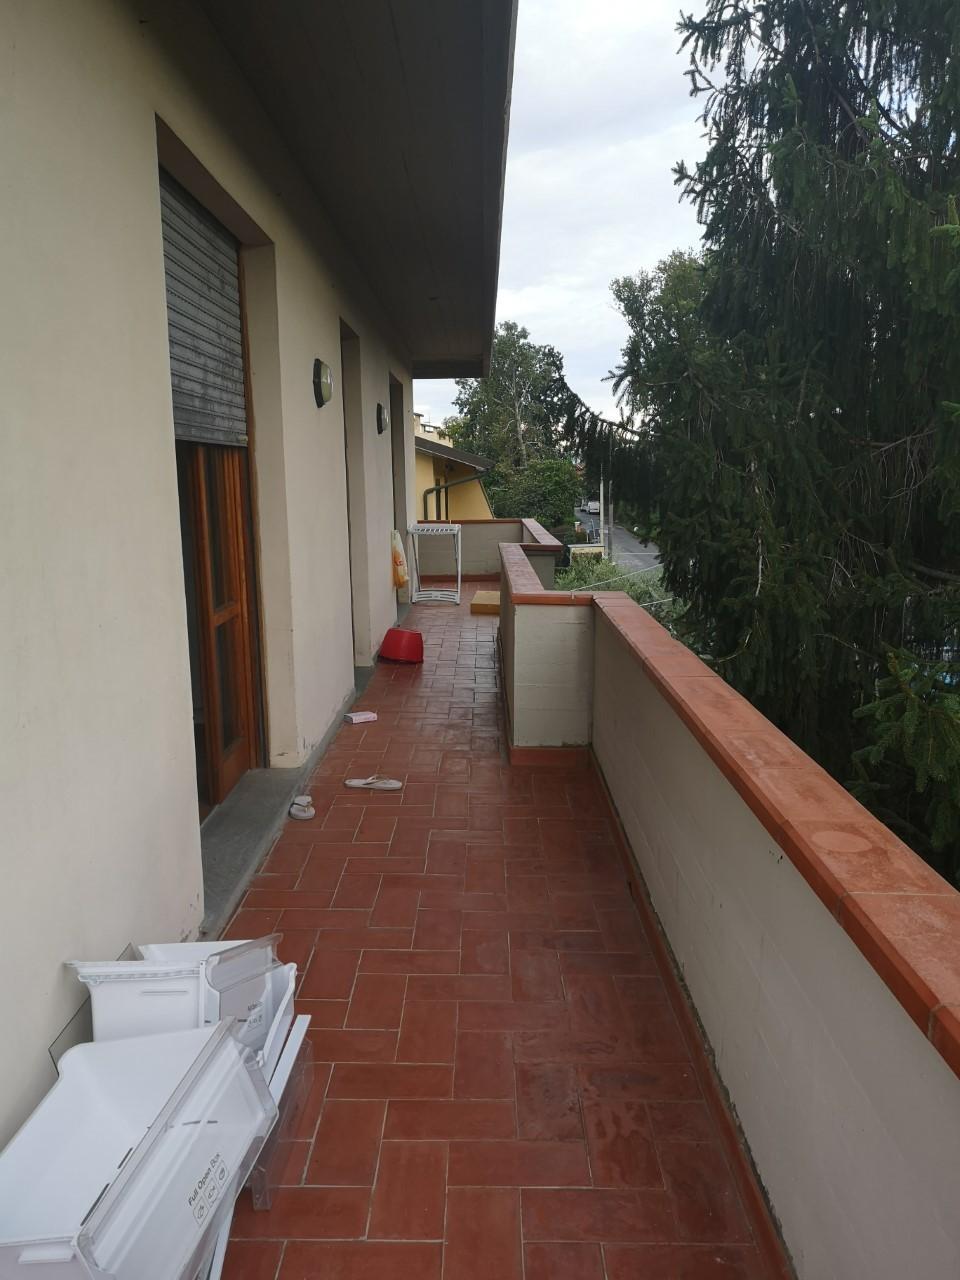 Casa semindipendente in vendita, rif. 2803